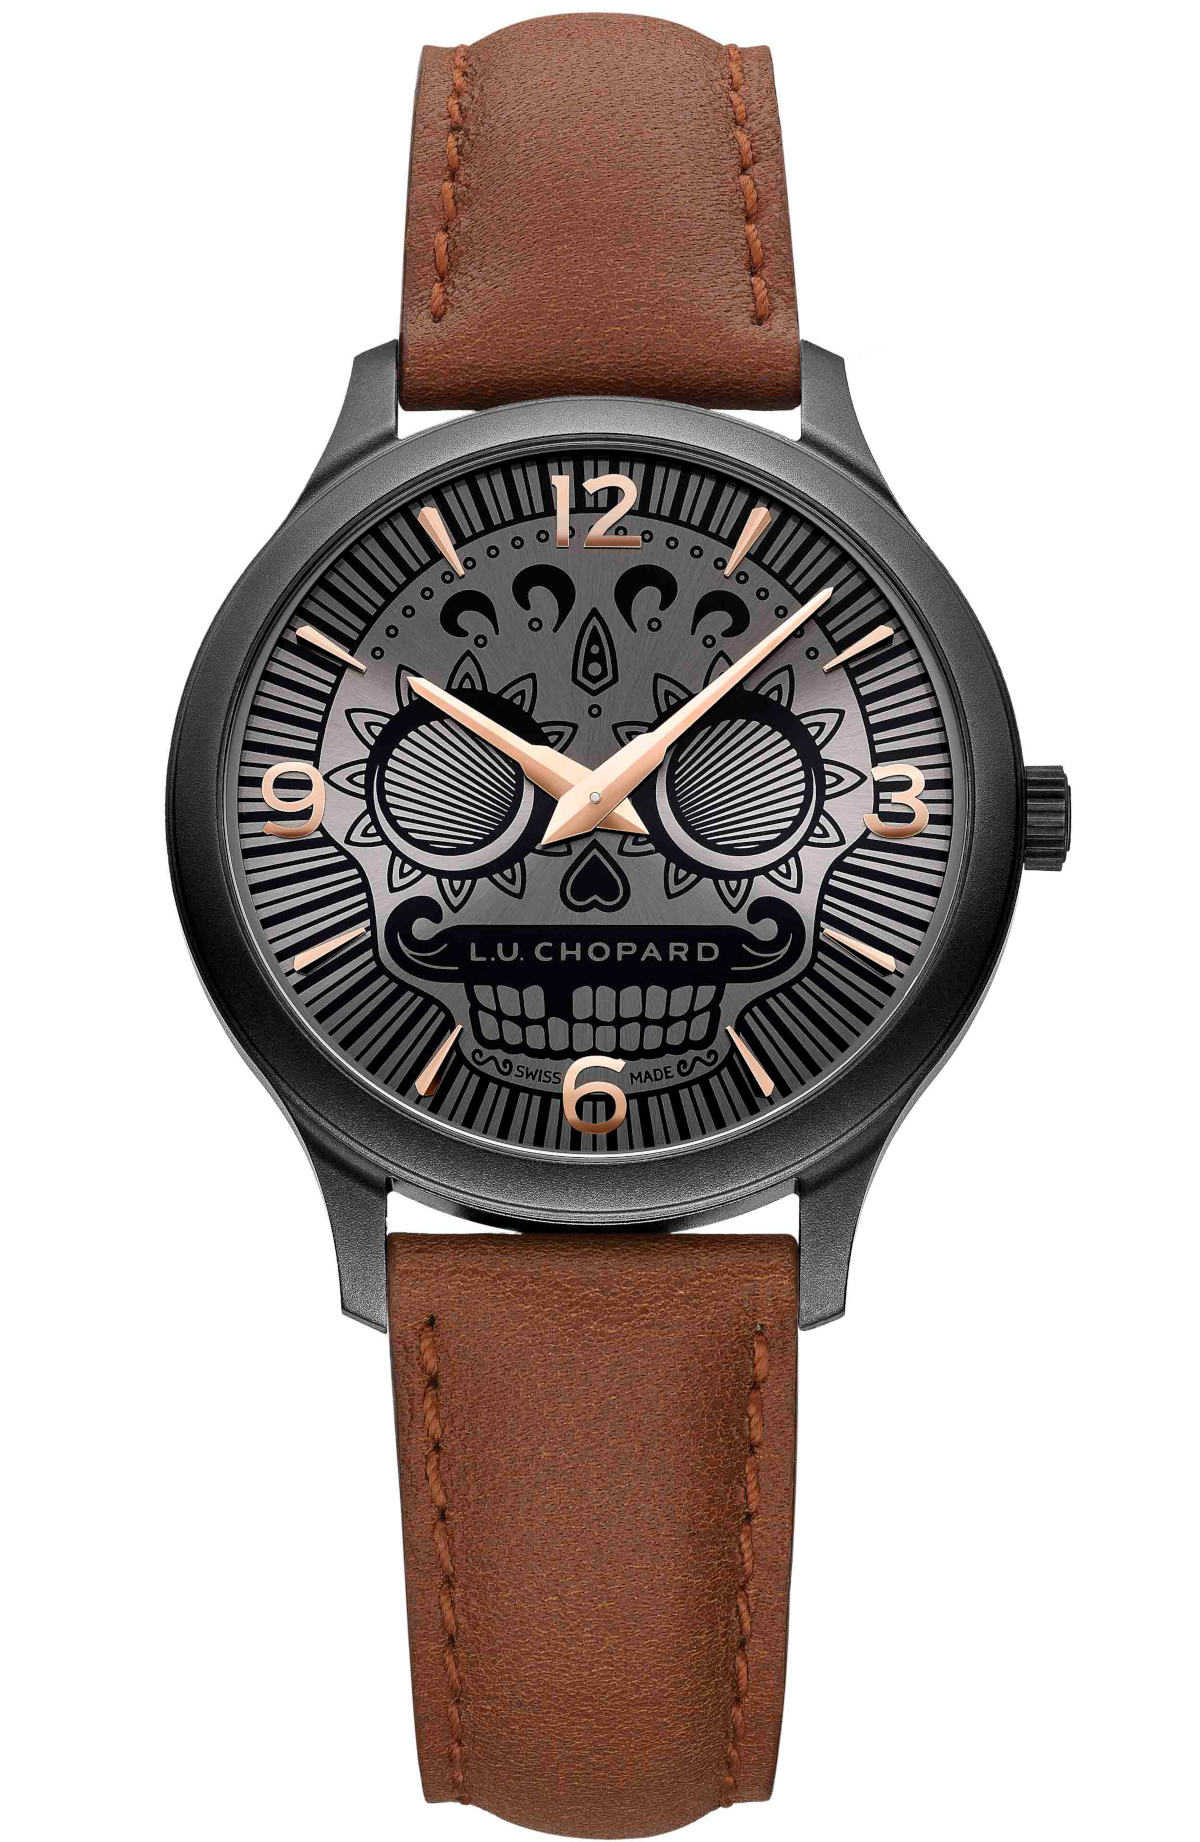 〈ショパール〉の限定時計は 文字盤のスカル顔がとってもユニーク!